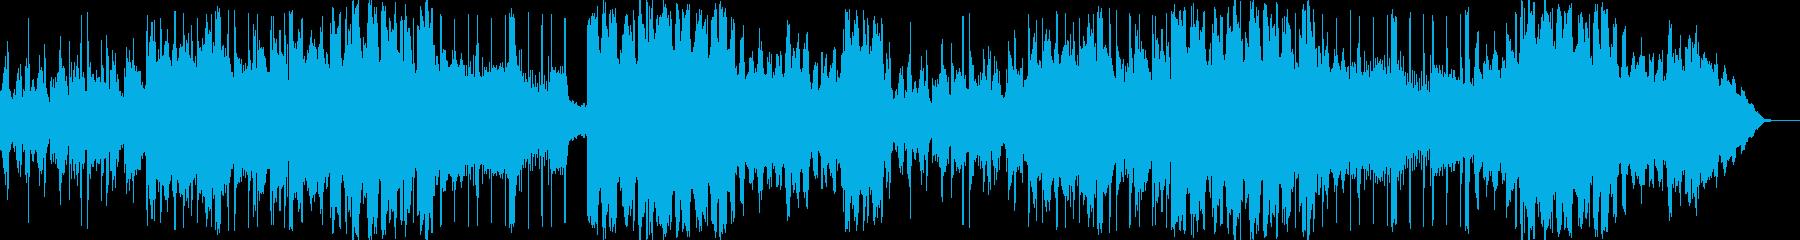 リラックスできるシンセサイザーのBGMの再生済みの波形